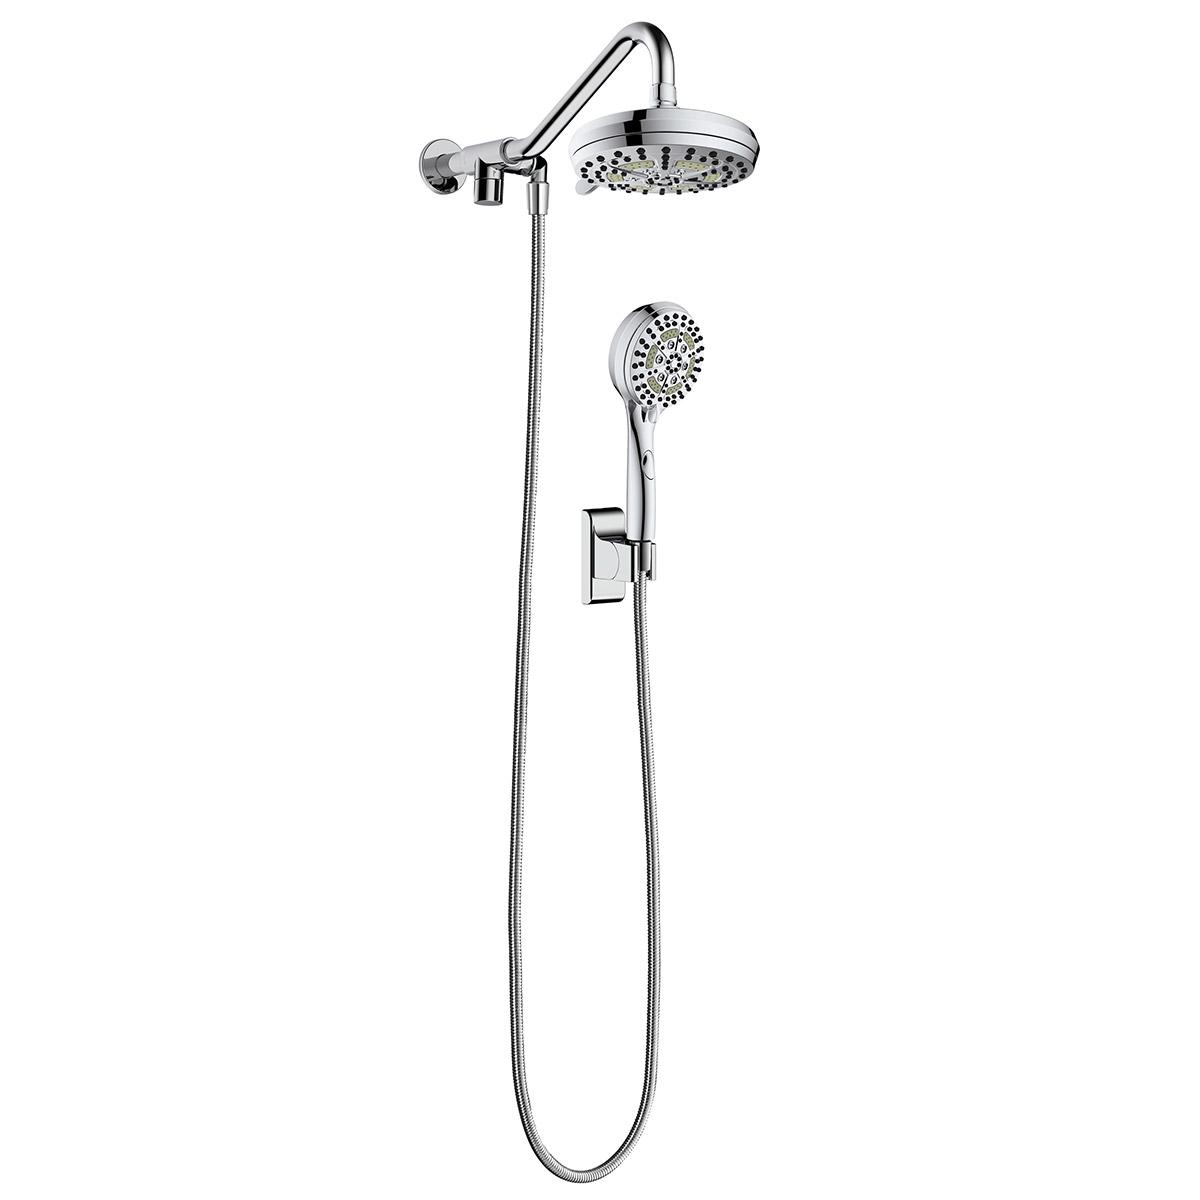 PULSE ShowerSpas Chrome Shower System - Oasis Shower System